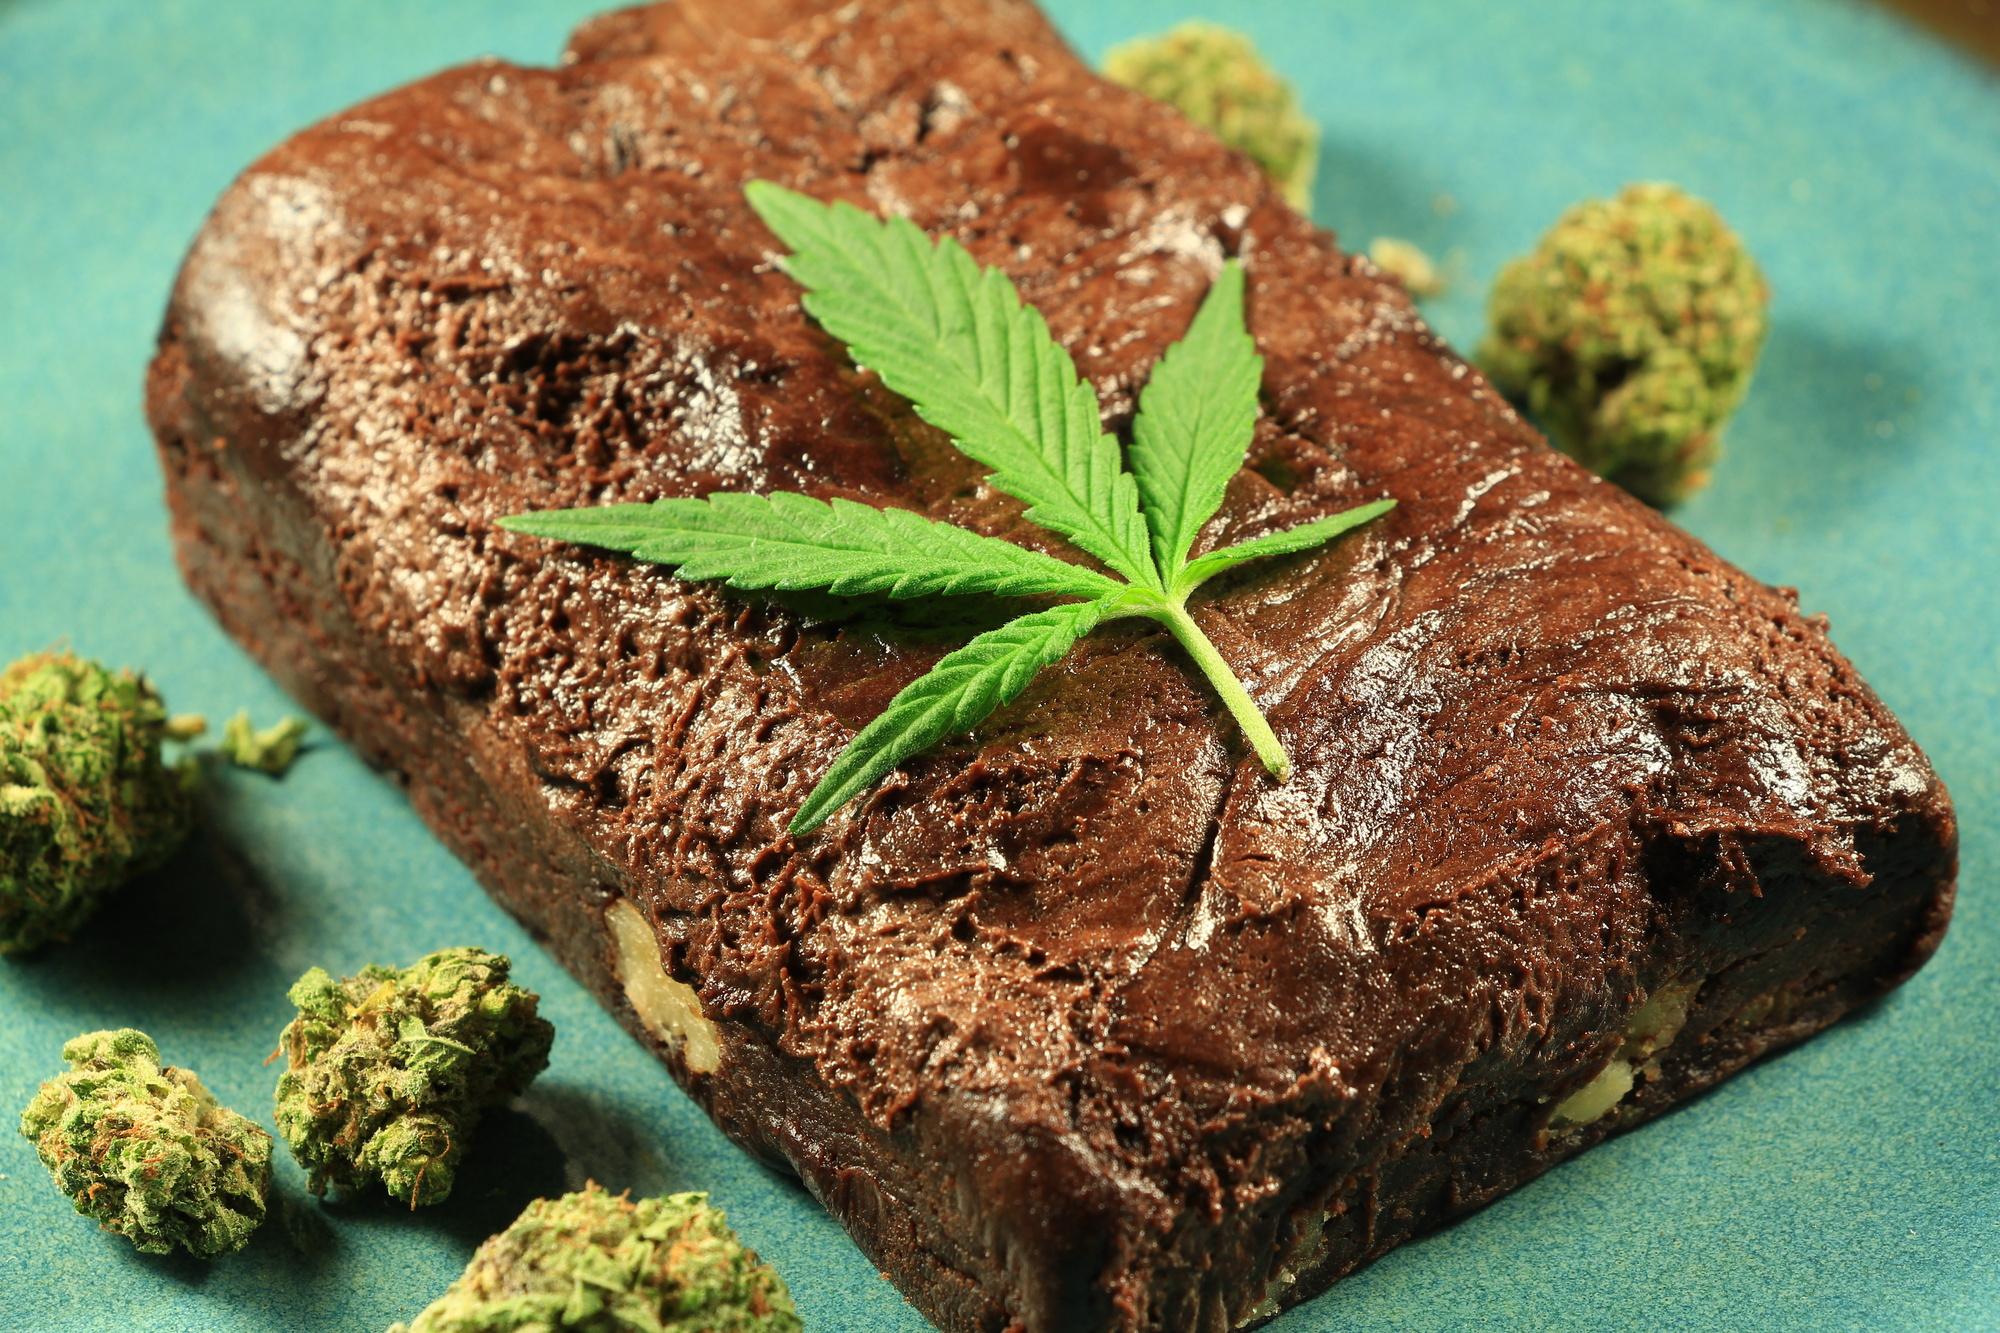 Фото конопля рецепт с марихуаны кустов